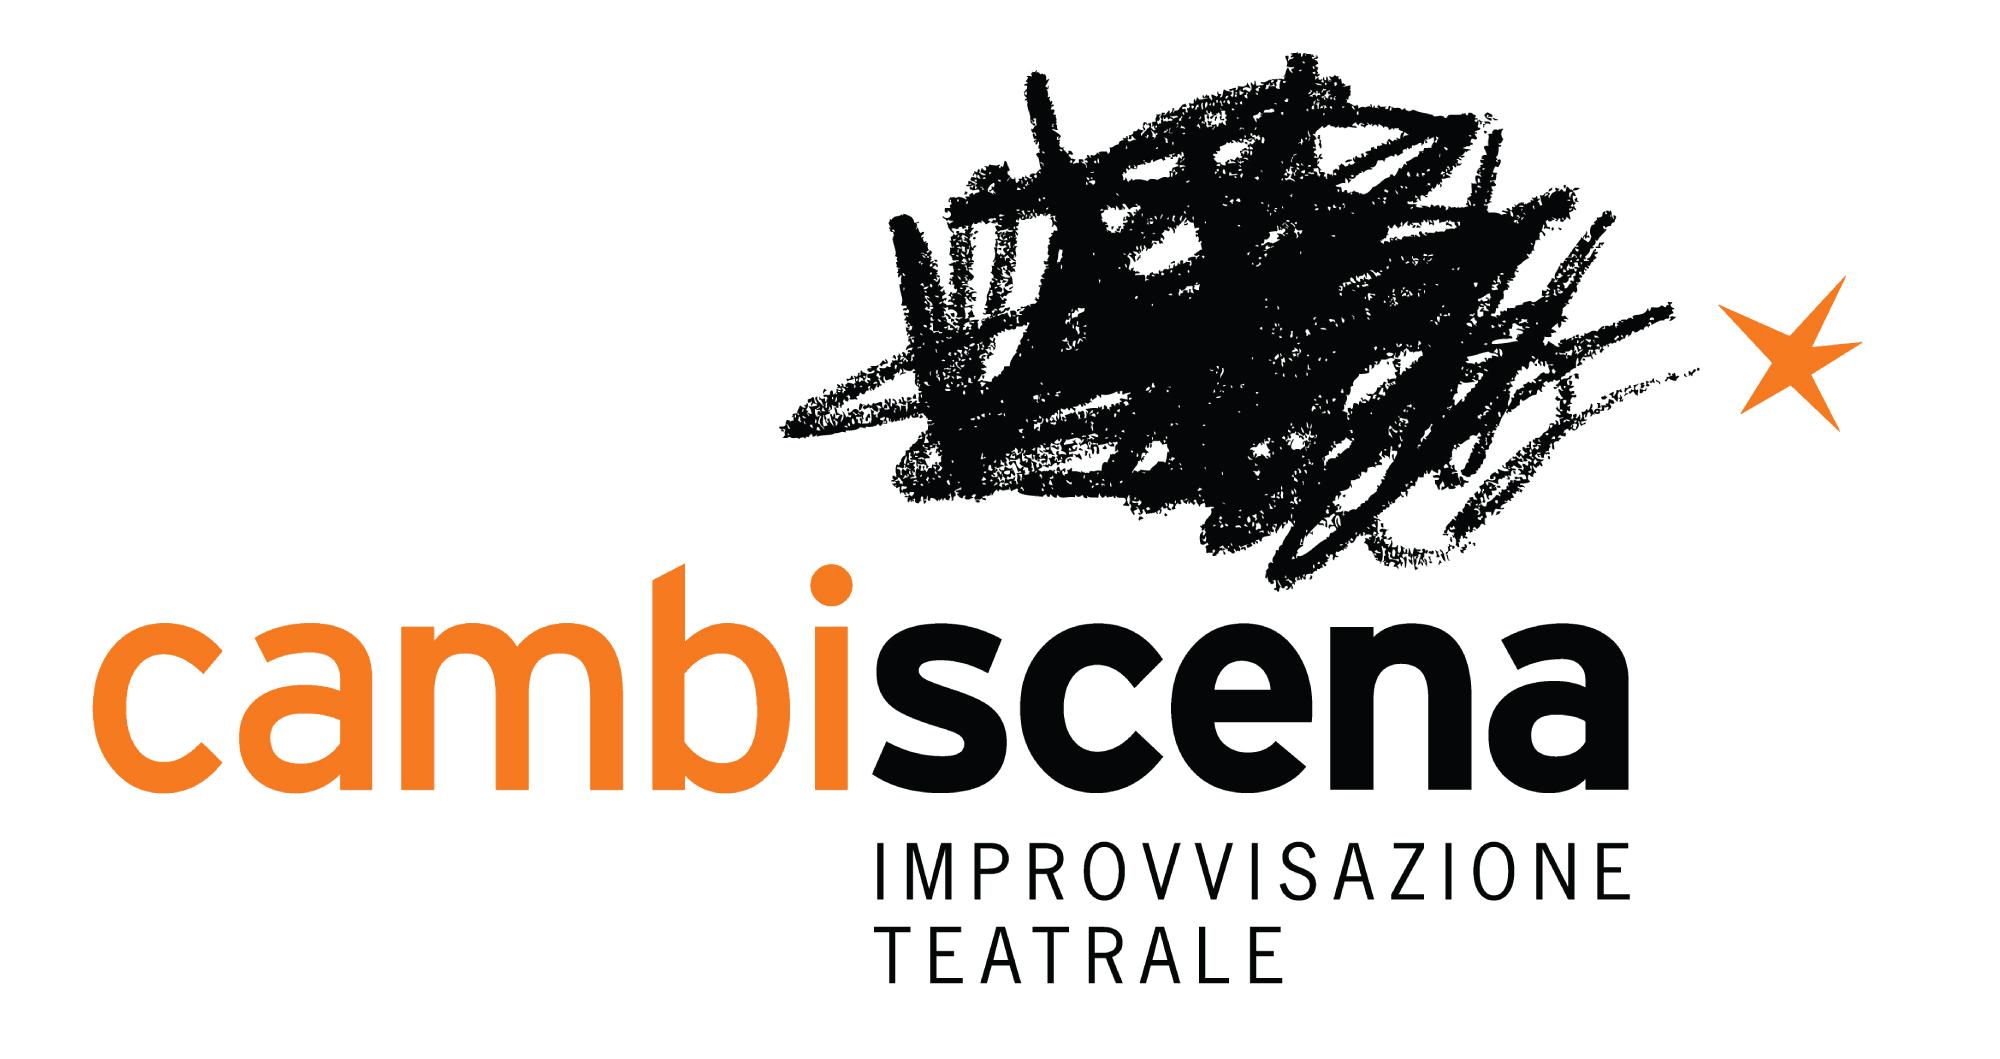 CambiScena Improvvisazione Teatrale Padova